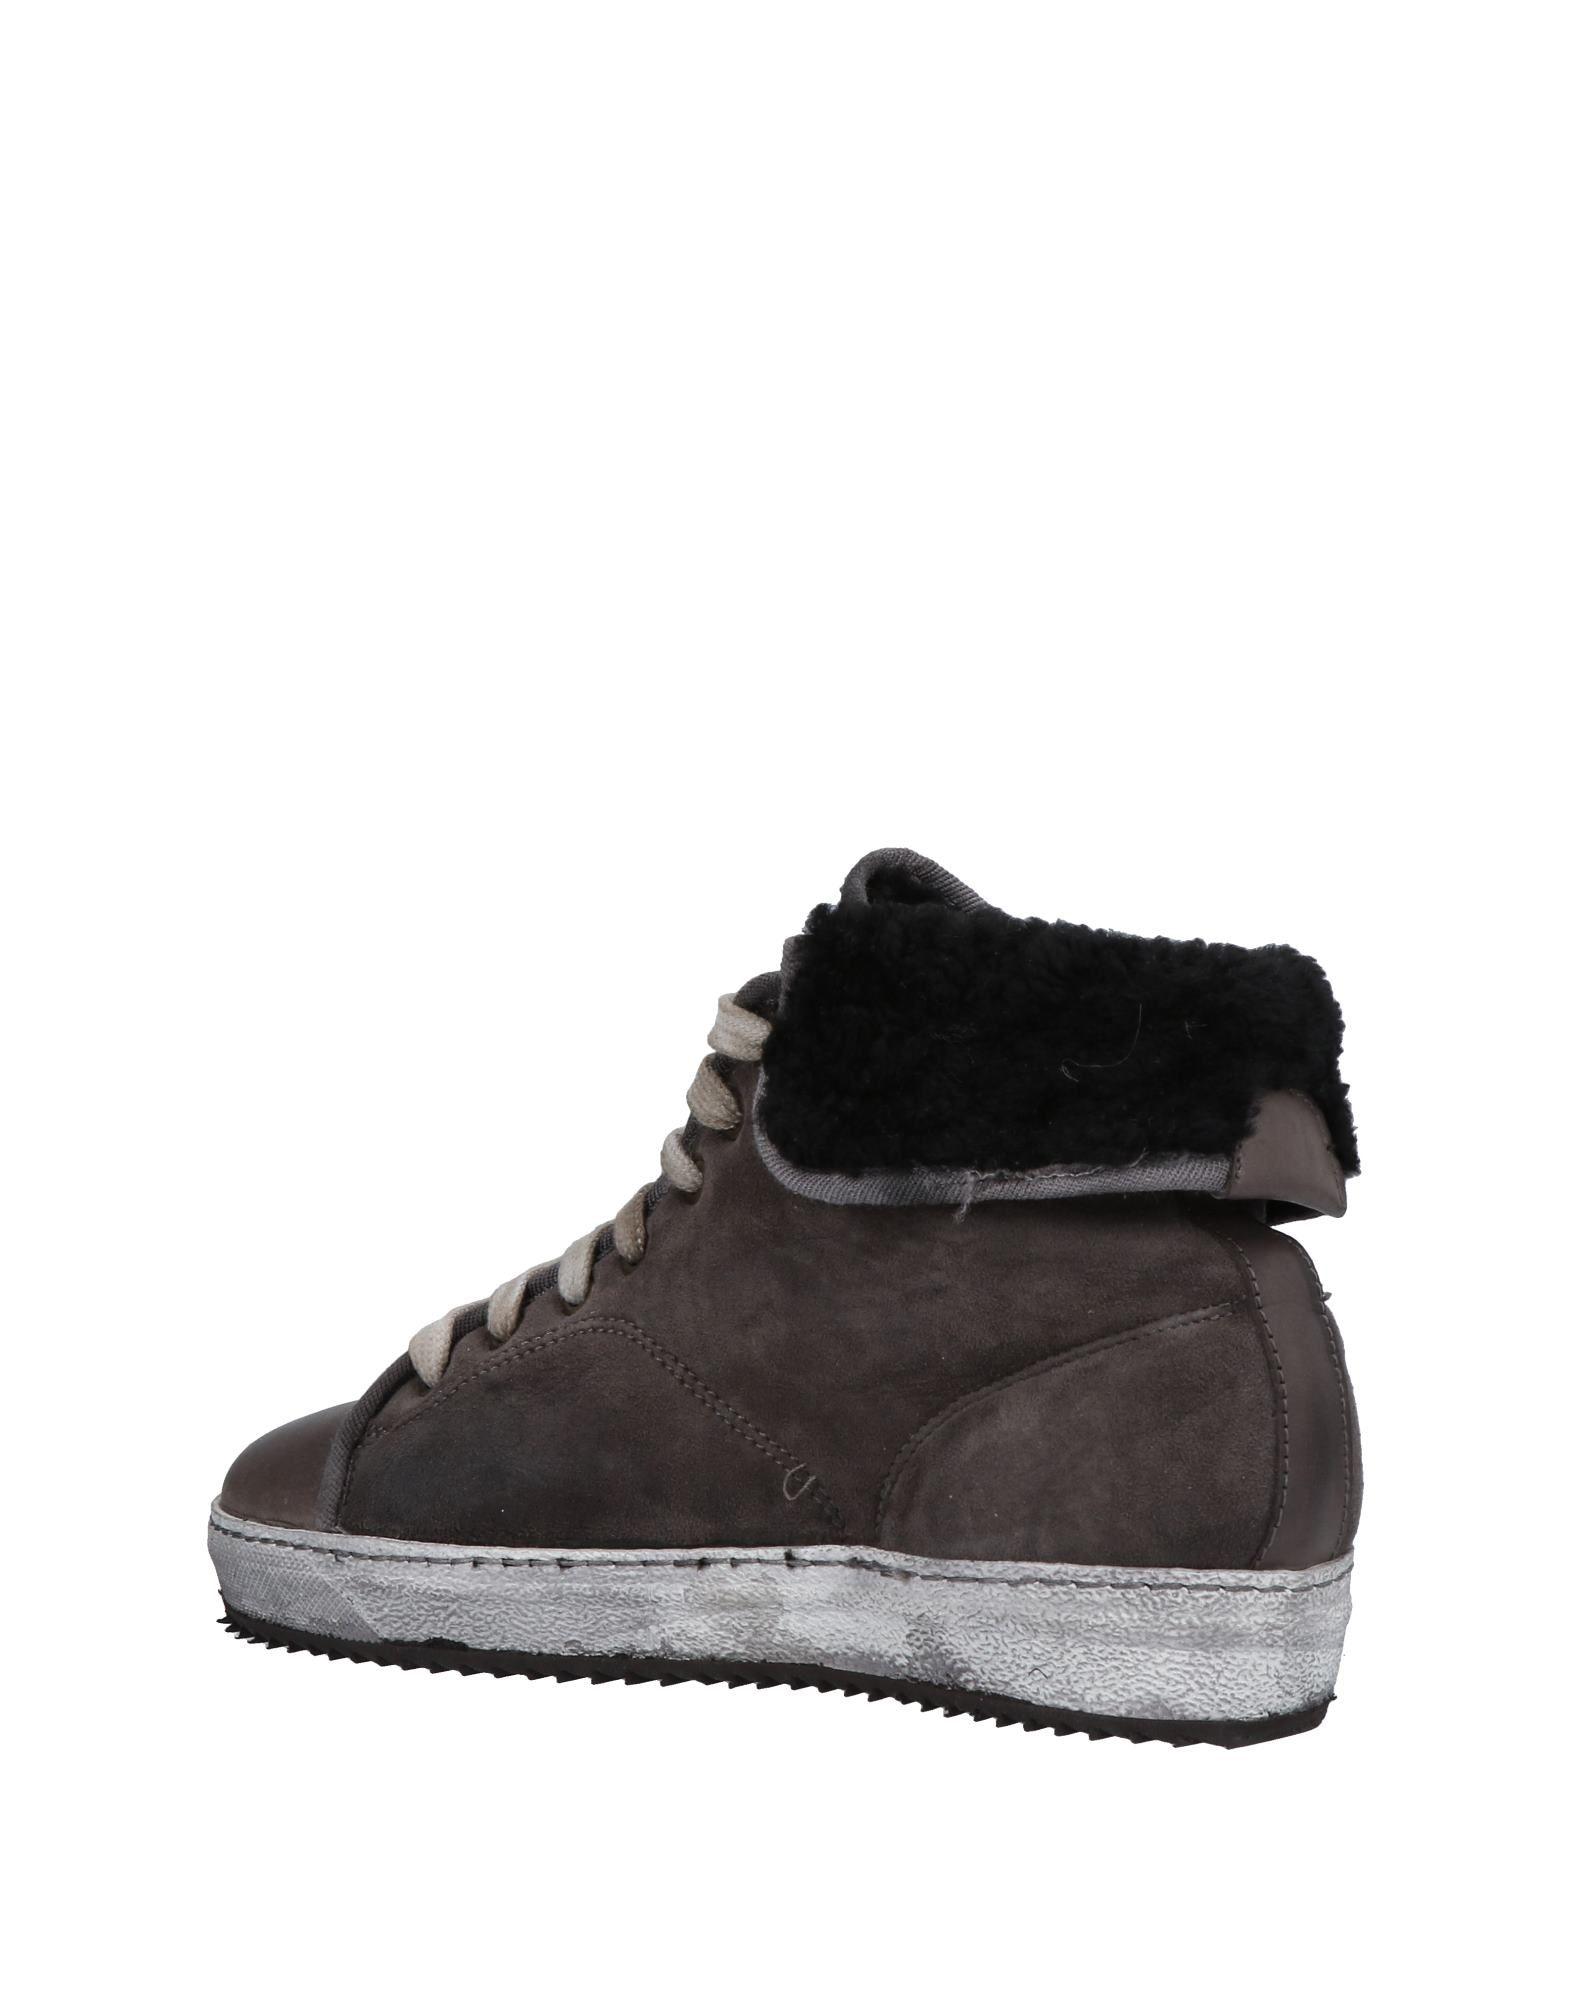 Stilvolle billige Schuhe Giorgio Brato 11458545FV Sneakers Damen  11458545FV Brato f2b099